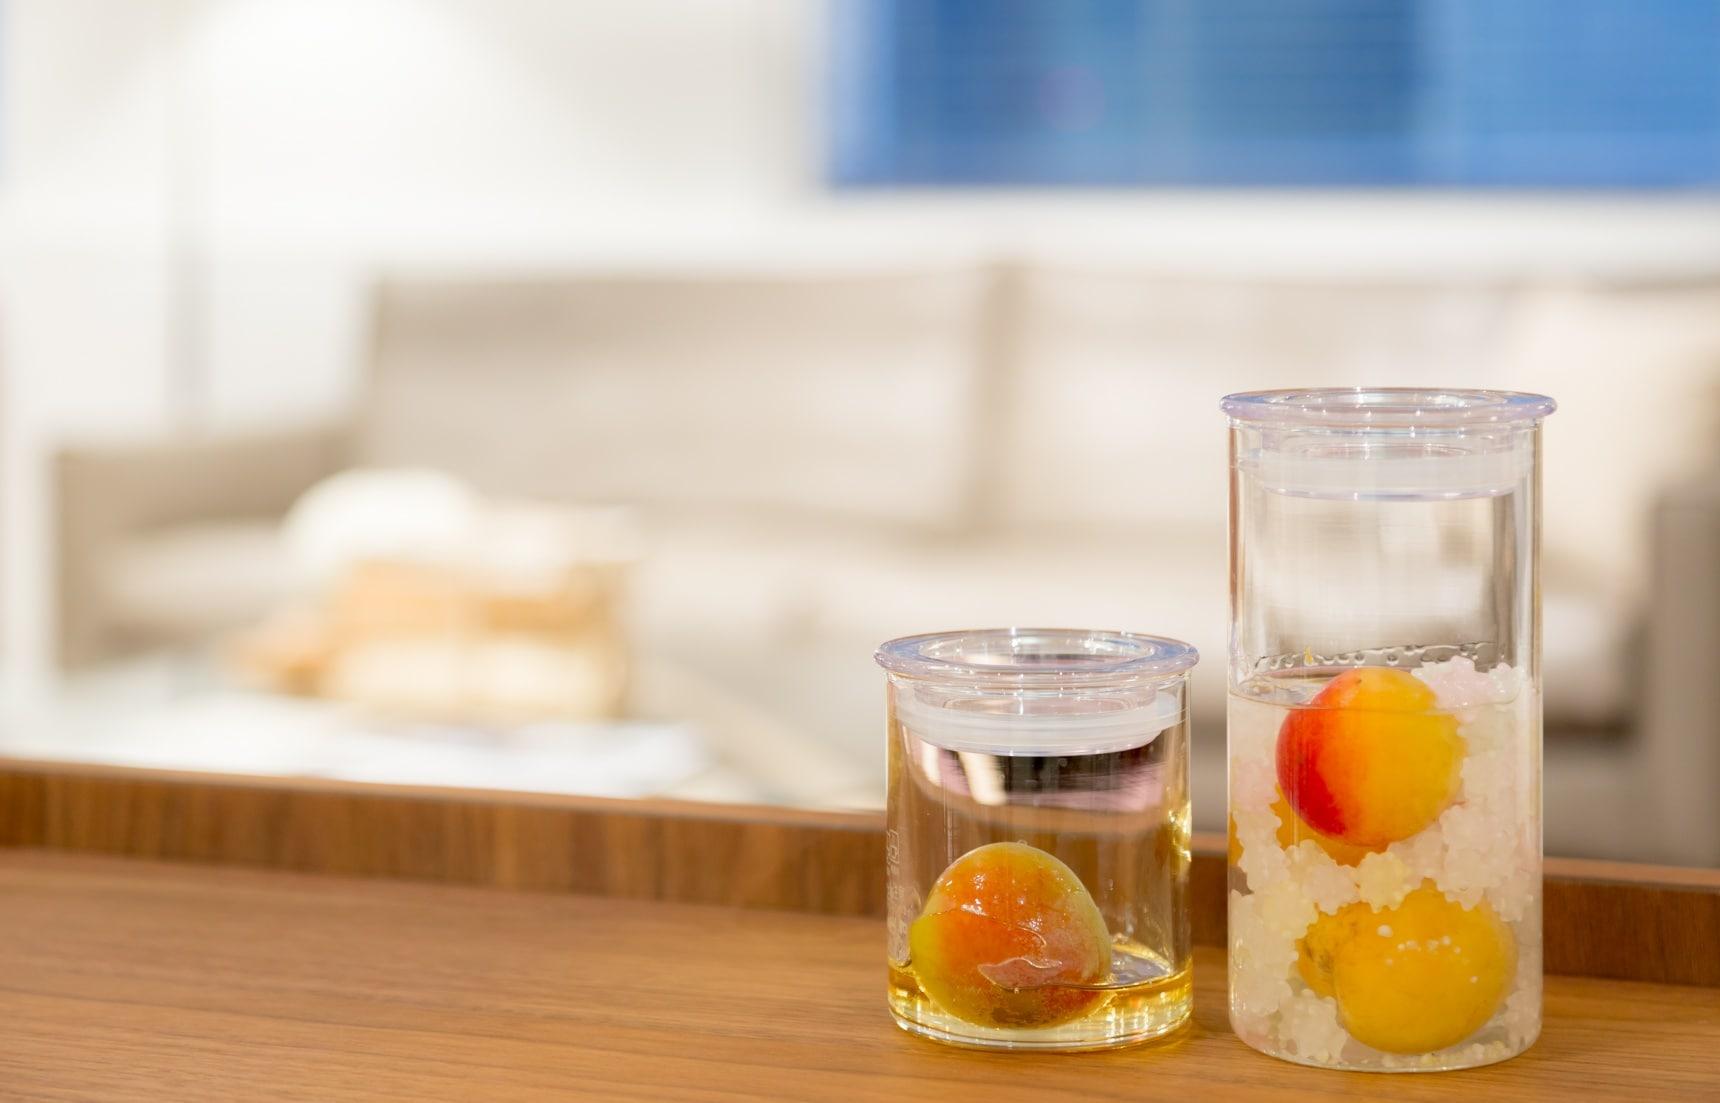 日本夏日正夯!到CHOYA梅子專門店「蝶矢」體驗手作梅漿與梅酒